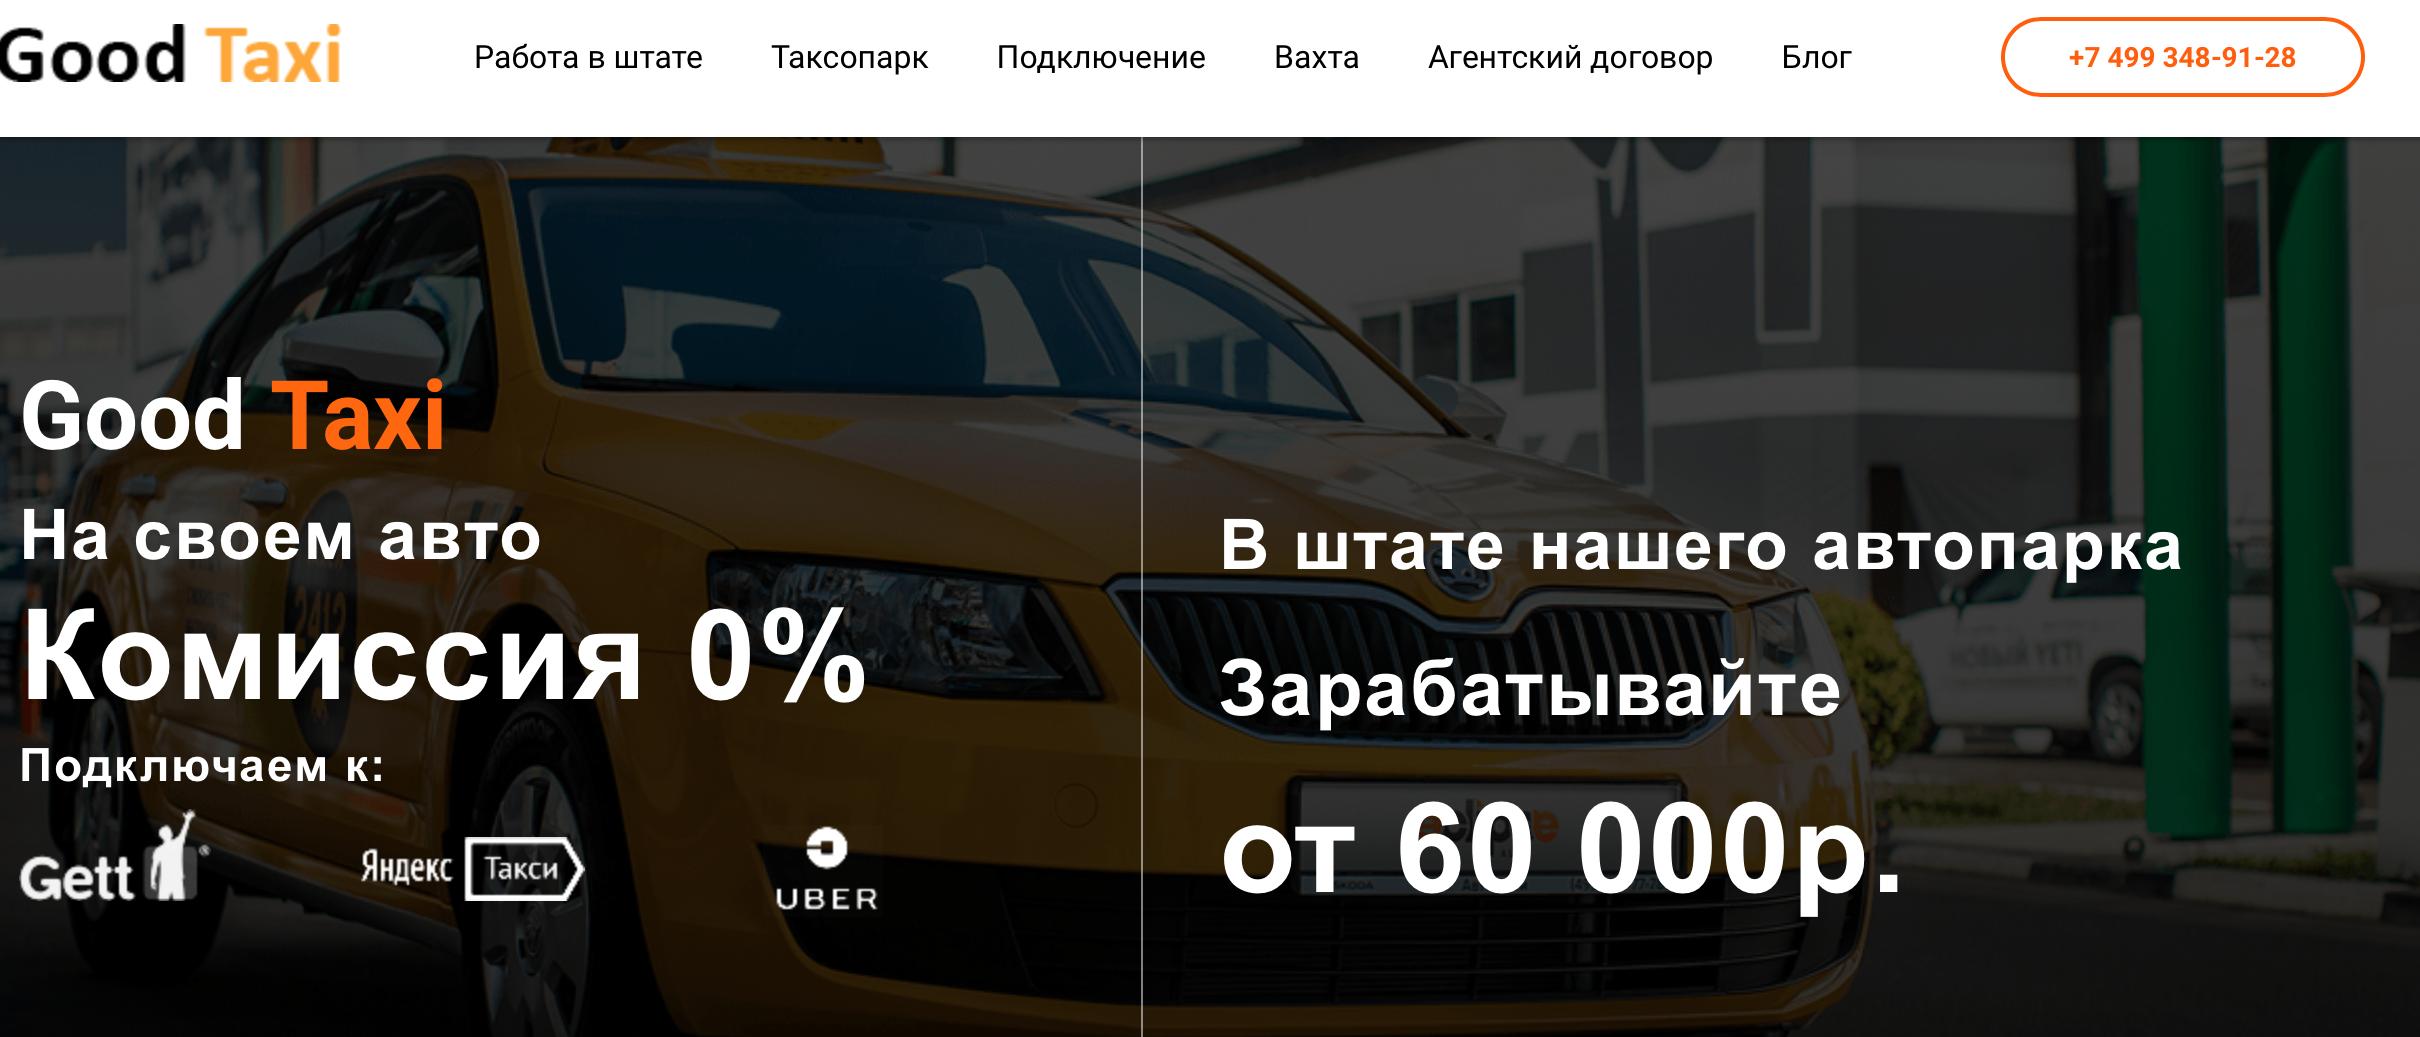 Какое такси в 21 веке